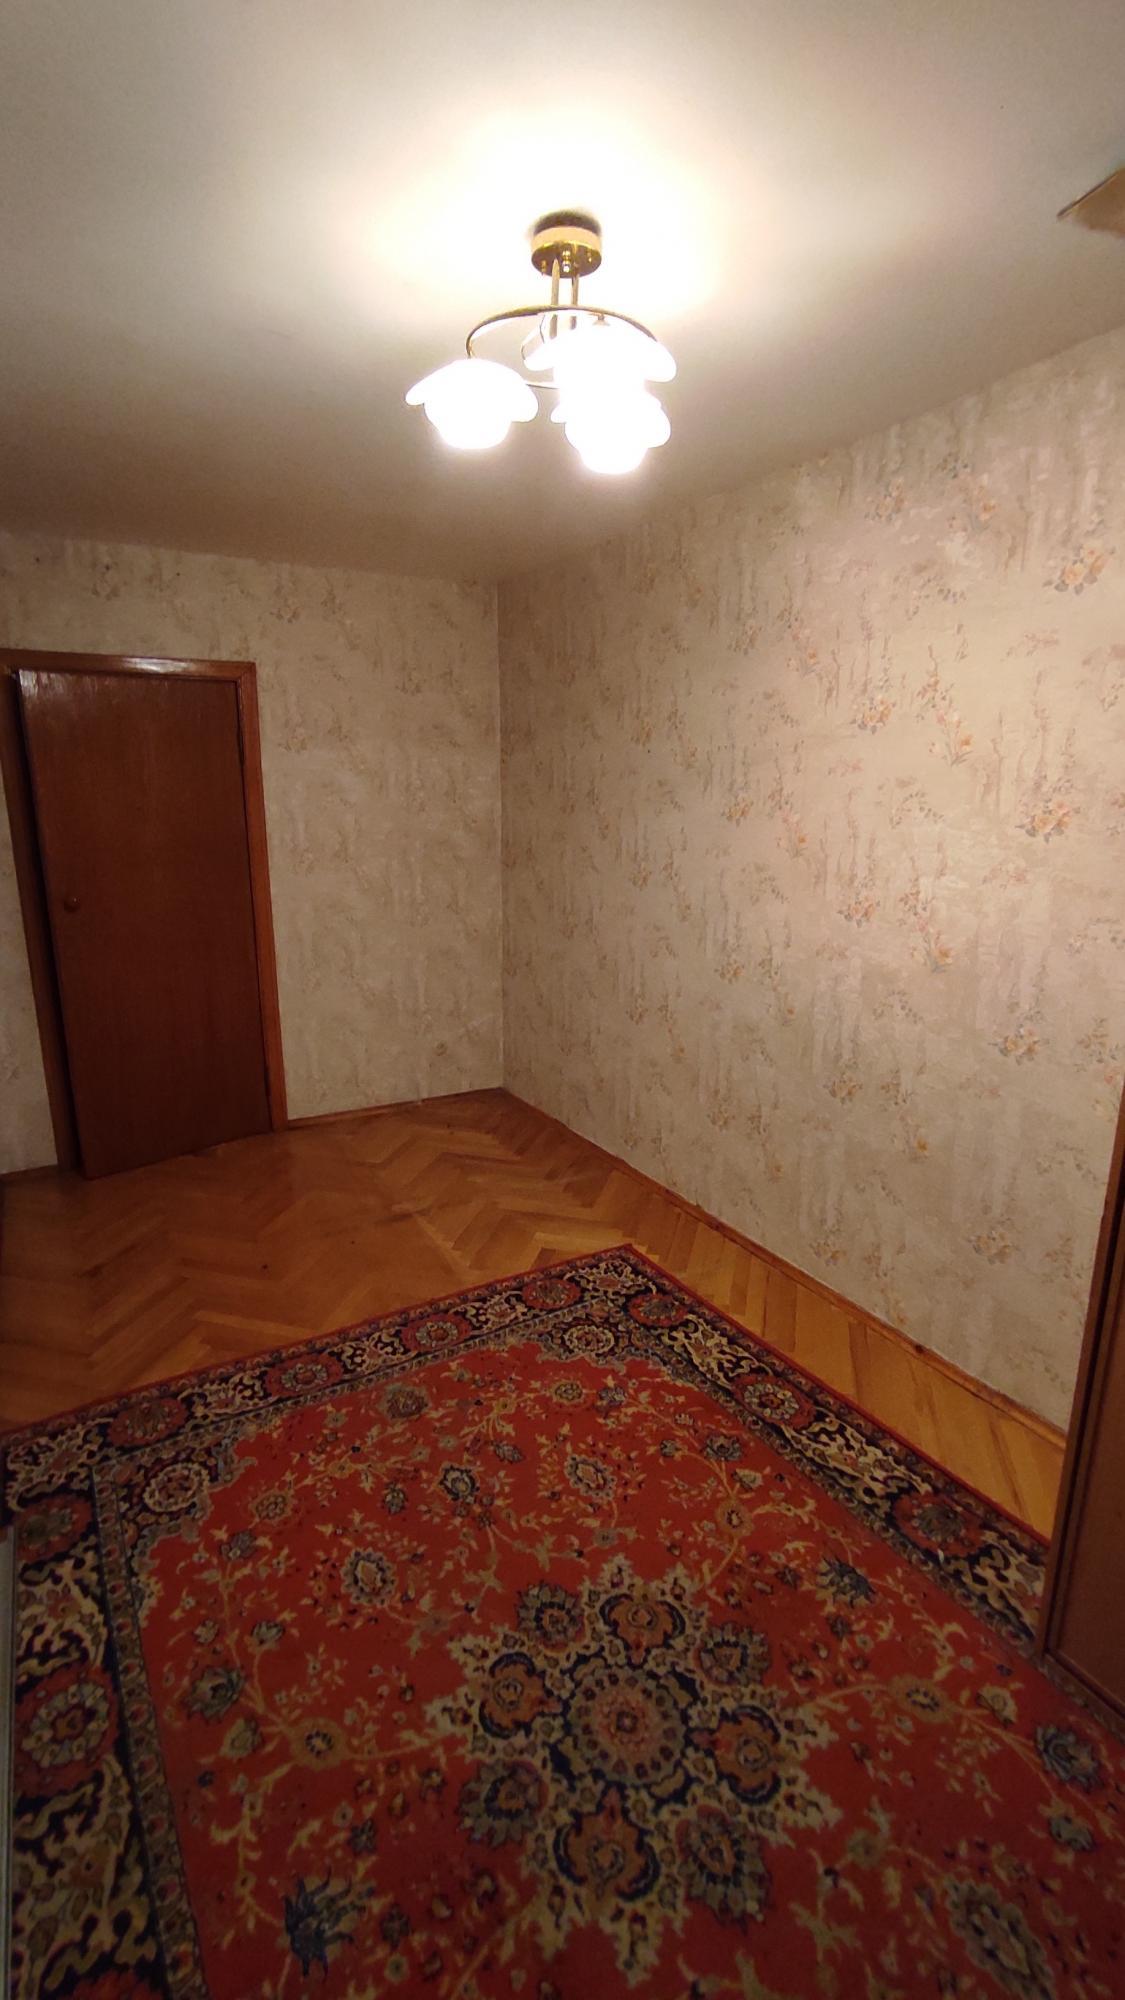 Квартира, 2 комнаты, 43.5 м² в Люберцах 89859757413 купить 5